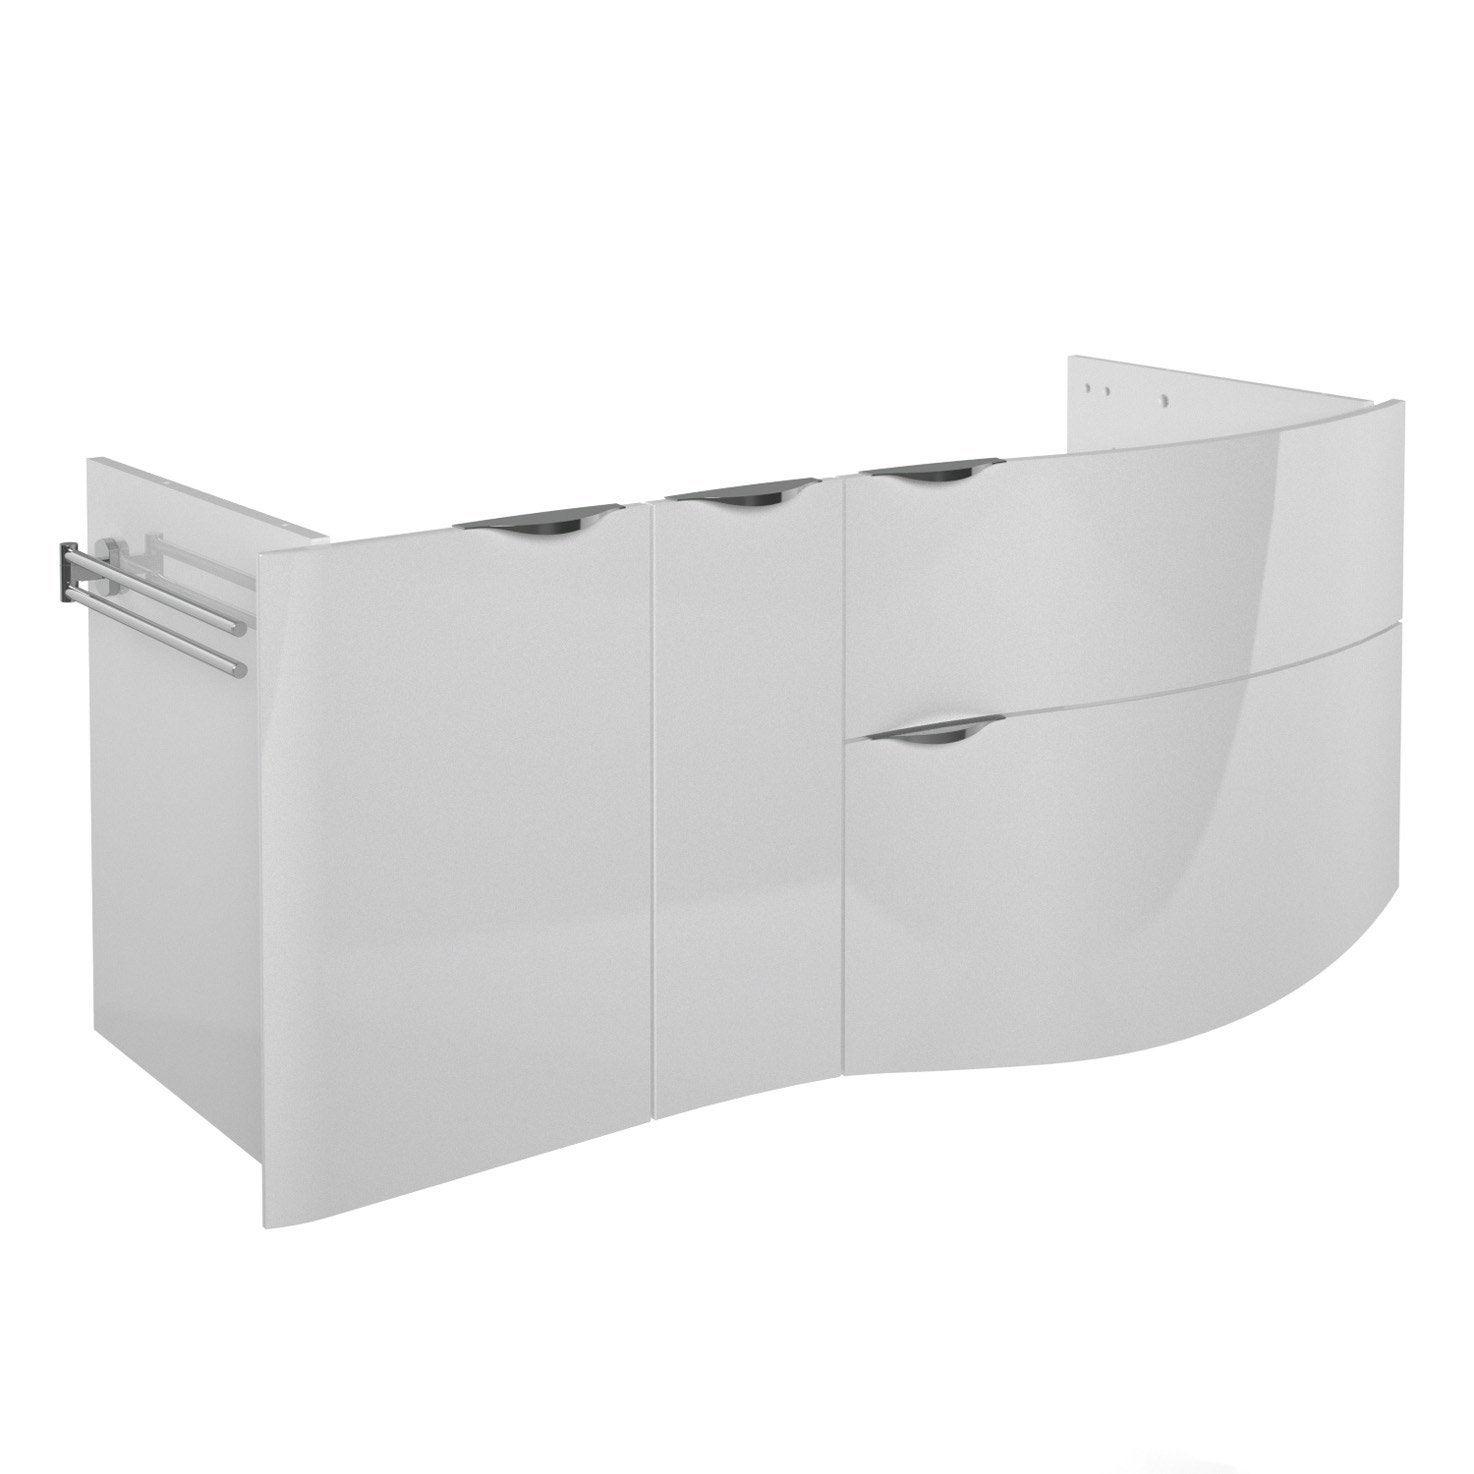 Meuble sous vasque decotec el gance blanc - Meuble sous vasque leroy merlin ...